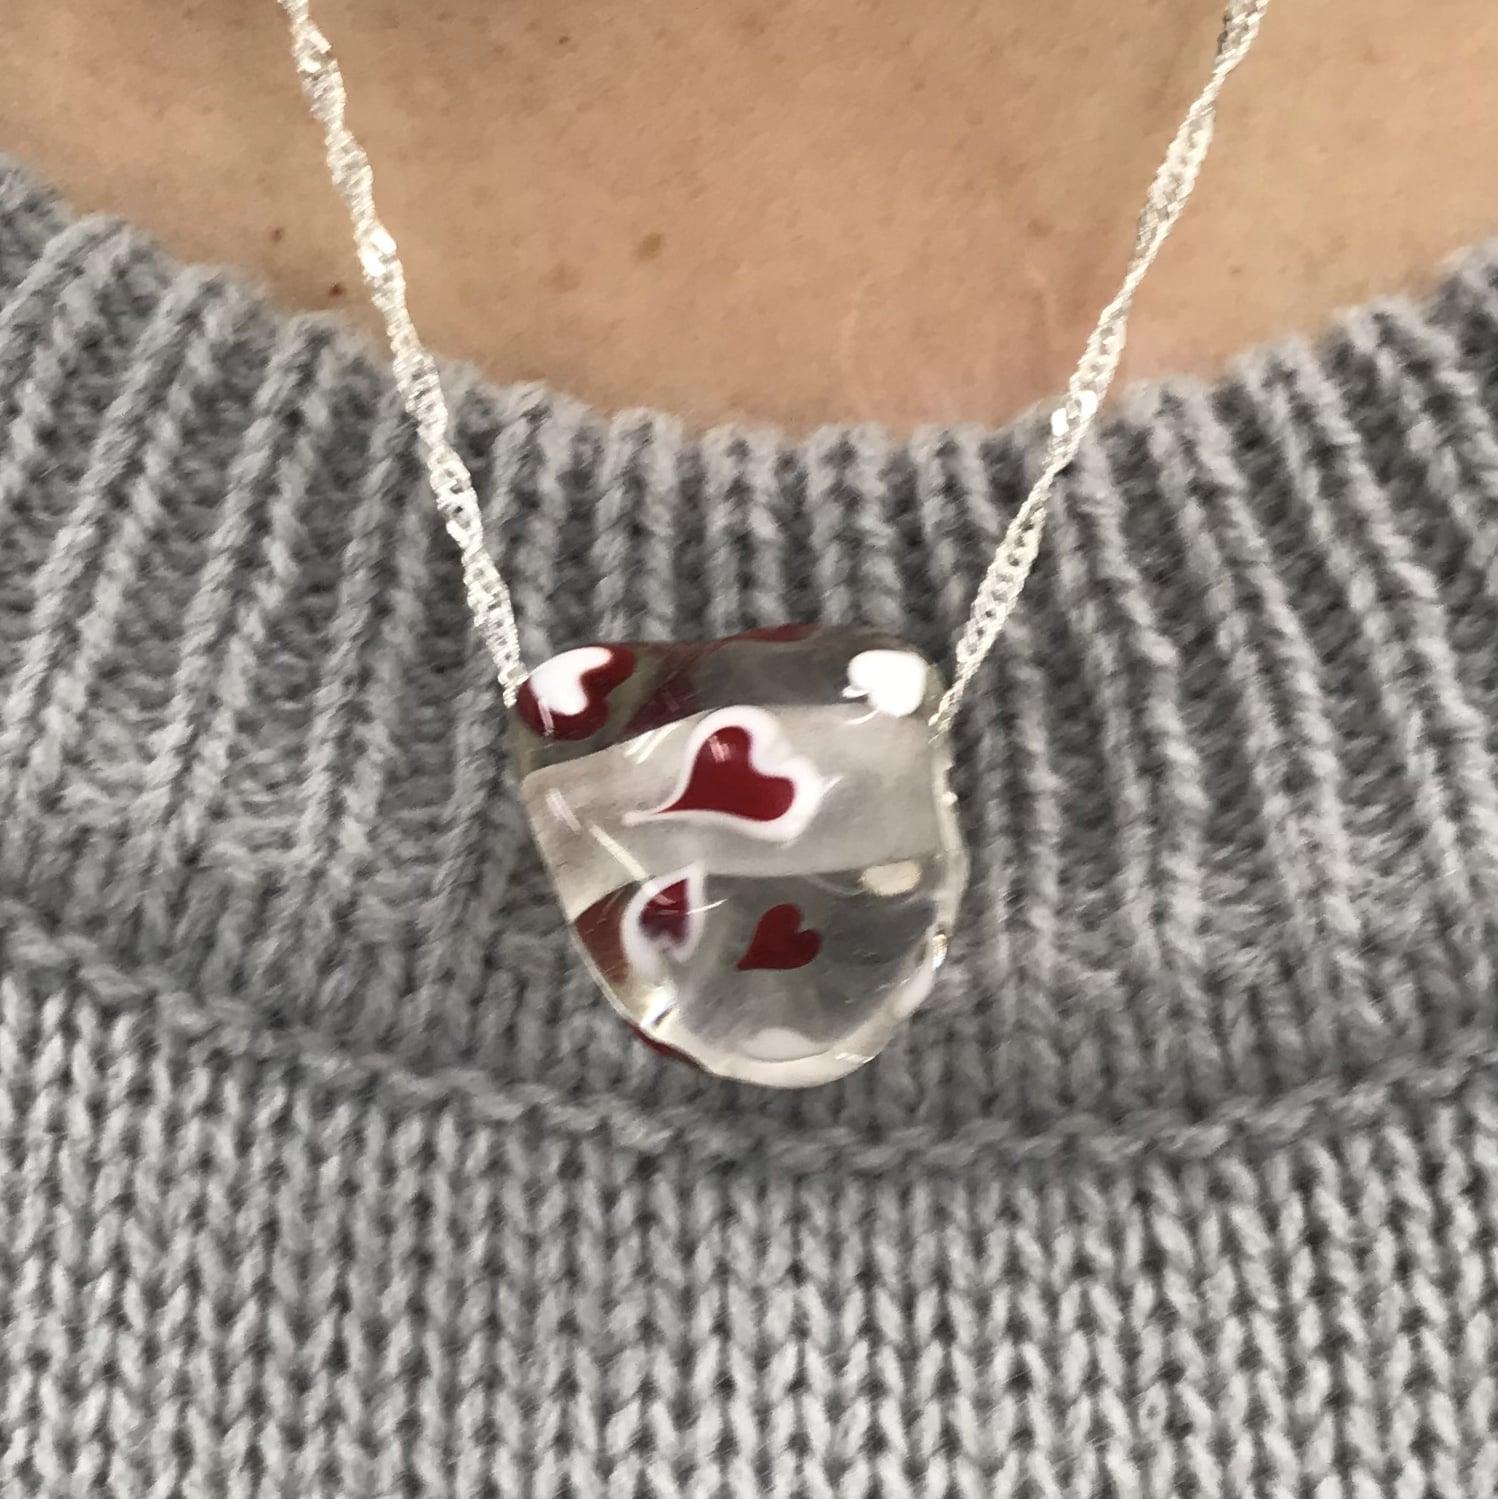 H様注文品プレゼント用とんぼ玉ネックレスのイメージその1